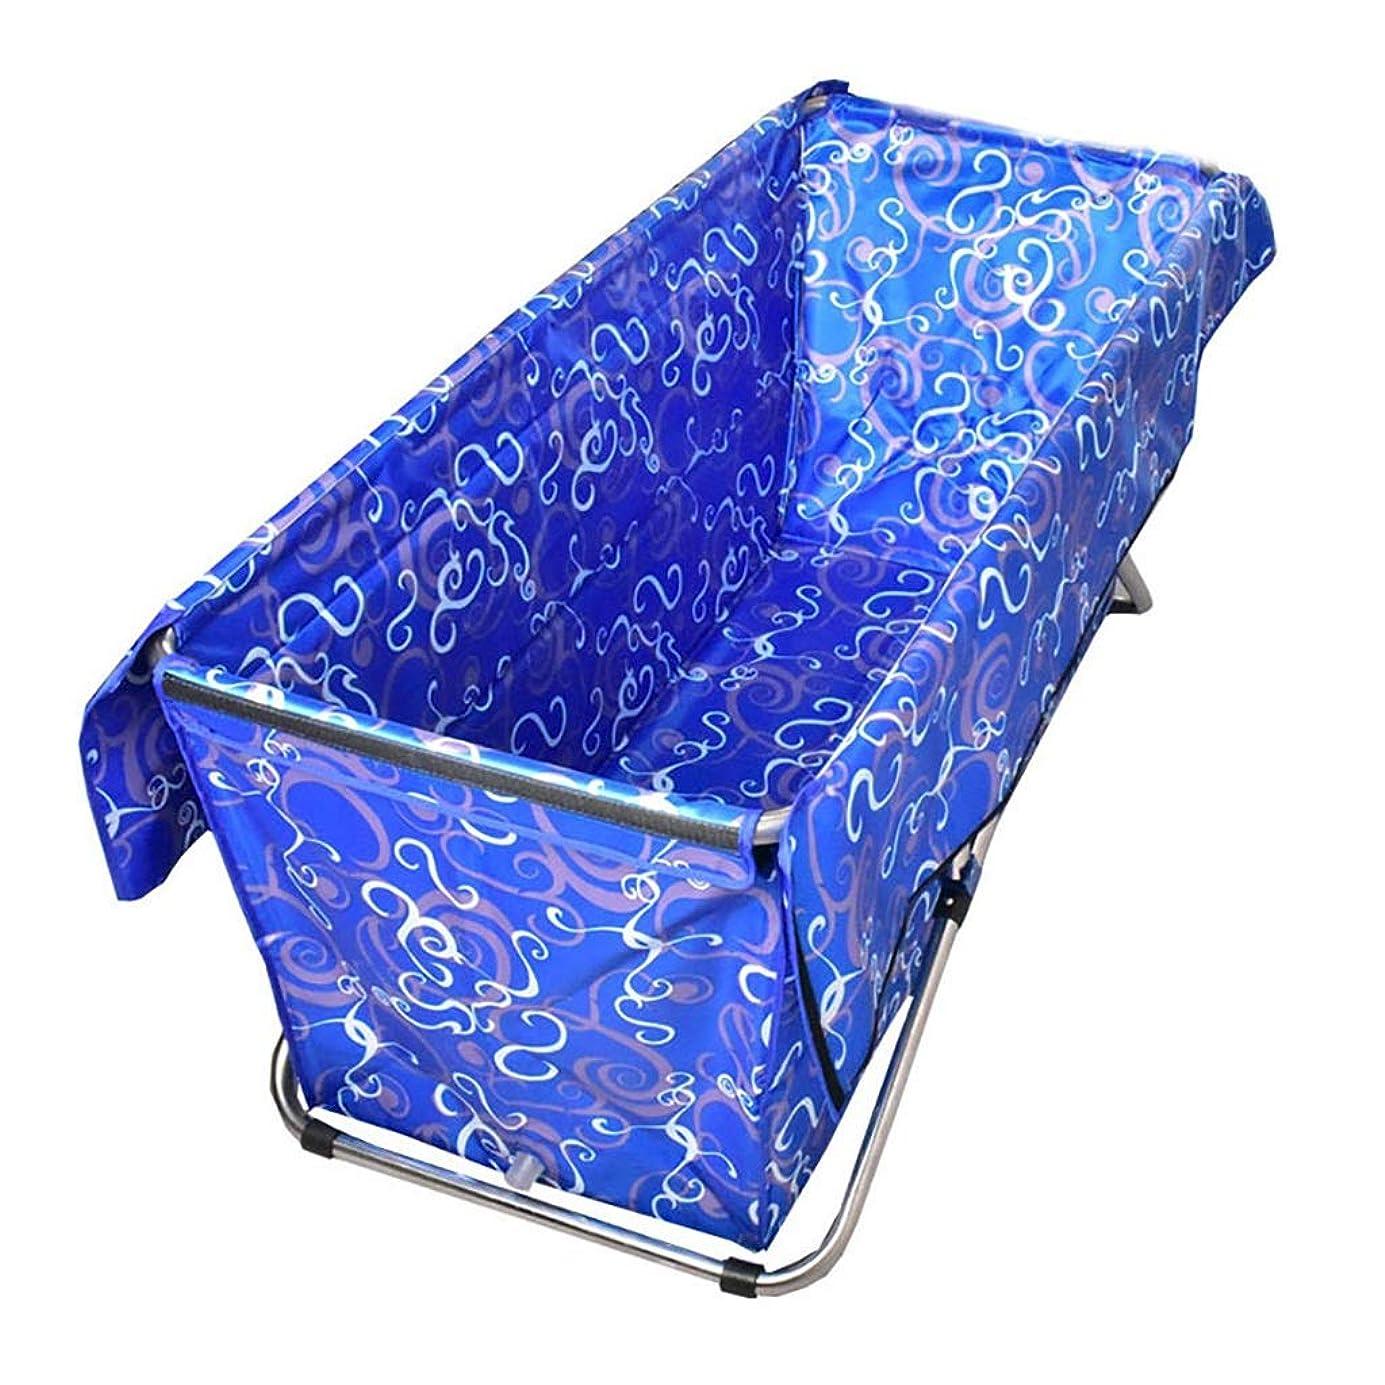 チャンバーなに調整可能折り畳み式バスタブ浴槽 暖かい断熱折りたたみ浴槽お風呂入浴家庭児童バレルませインフレポータブルプラスチックスパマッサージバスタブ大人バスタブベビープール、5色をしてください (Color : Purple)